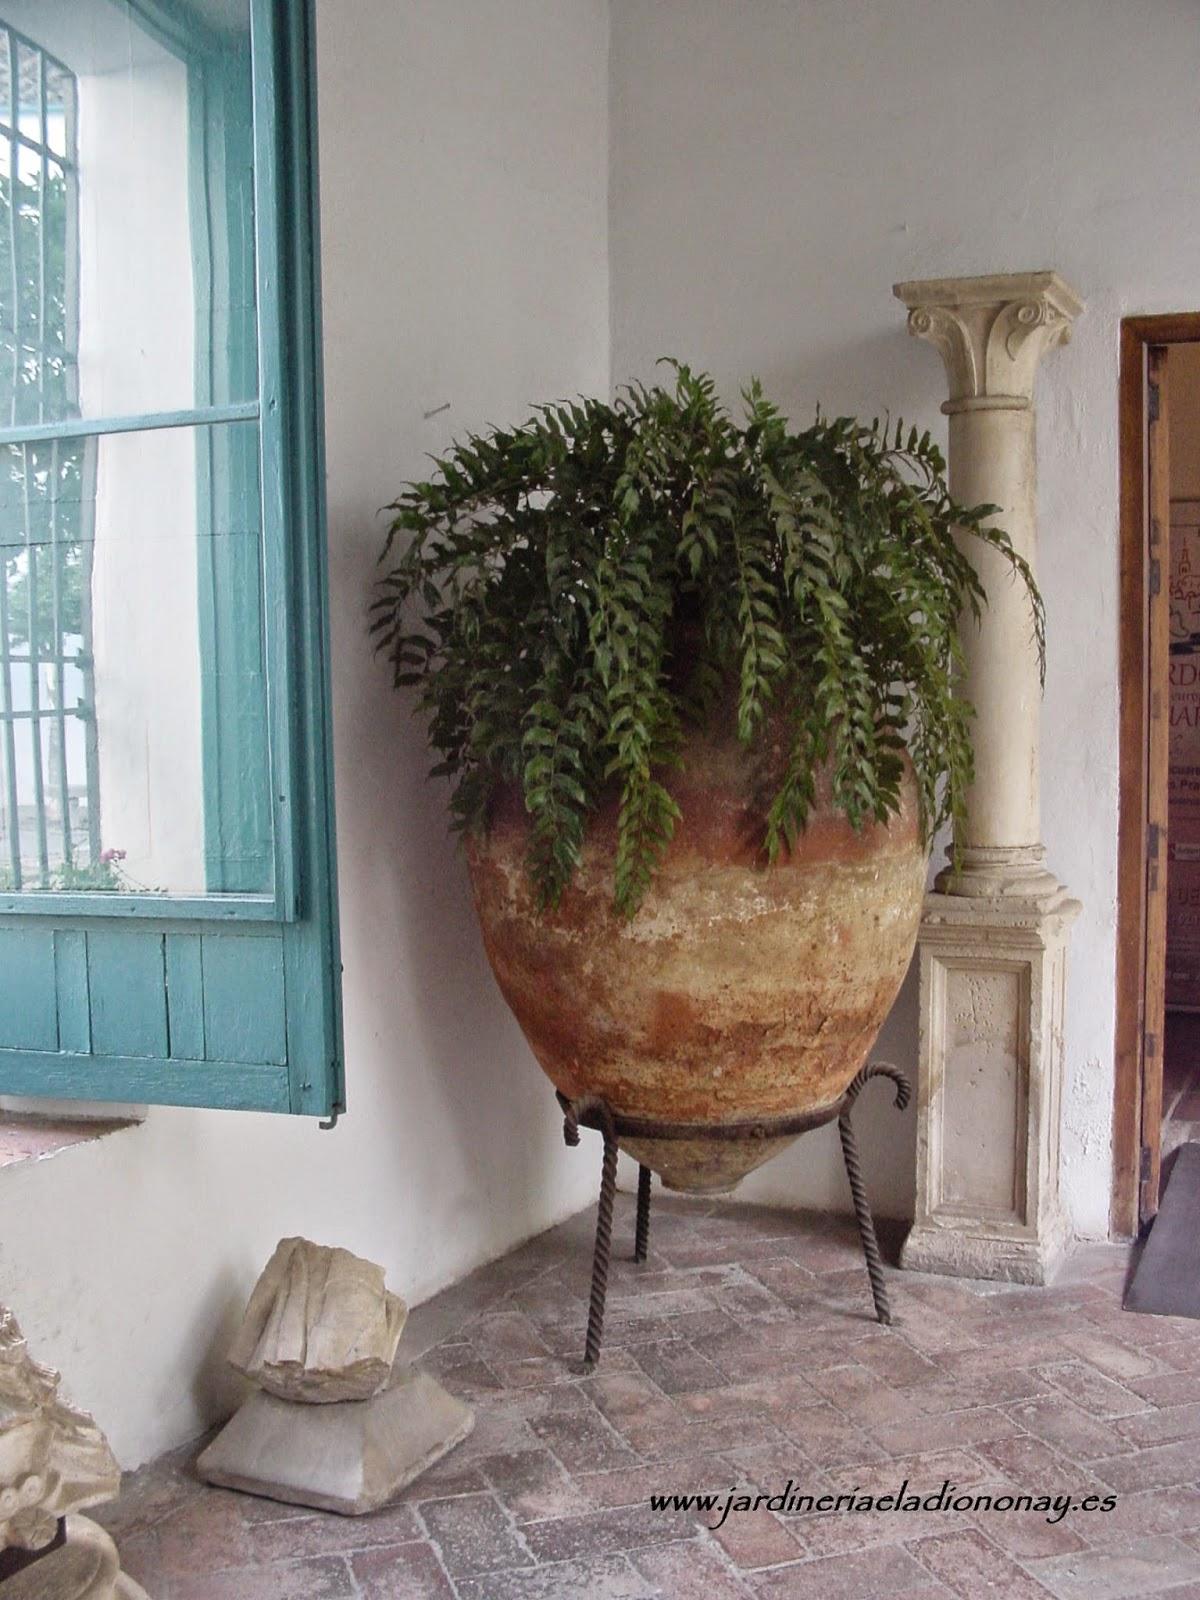 Jardineria eladio nonay las tinajas elementos decorativos for Elementos de jardineria